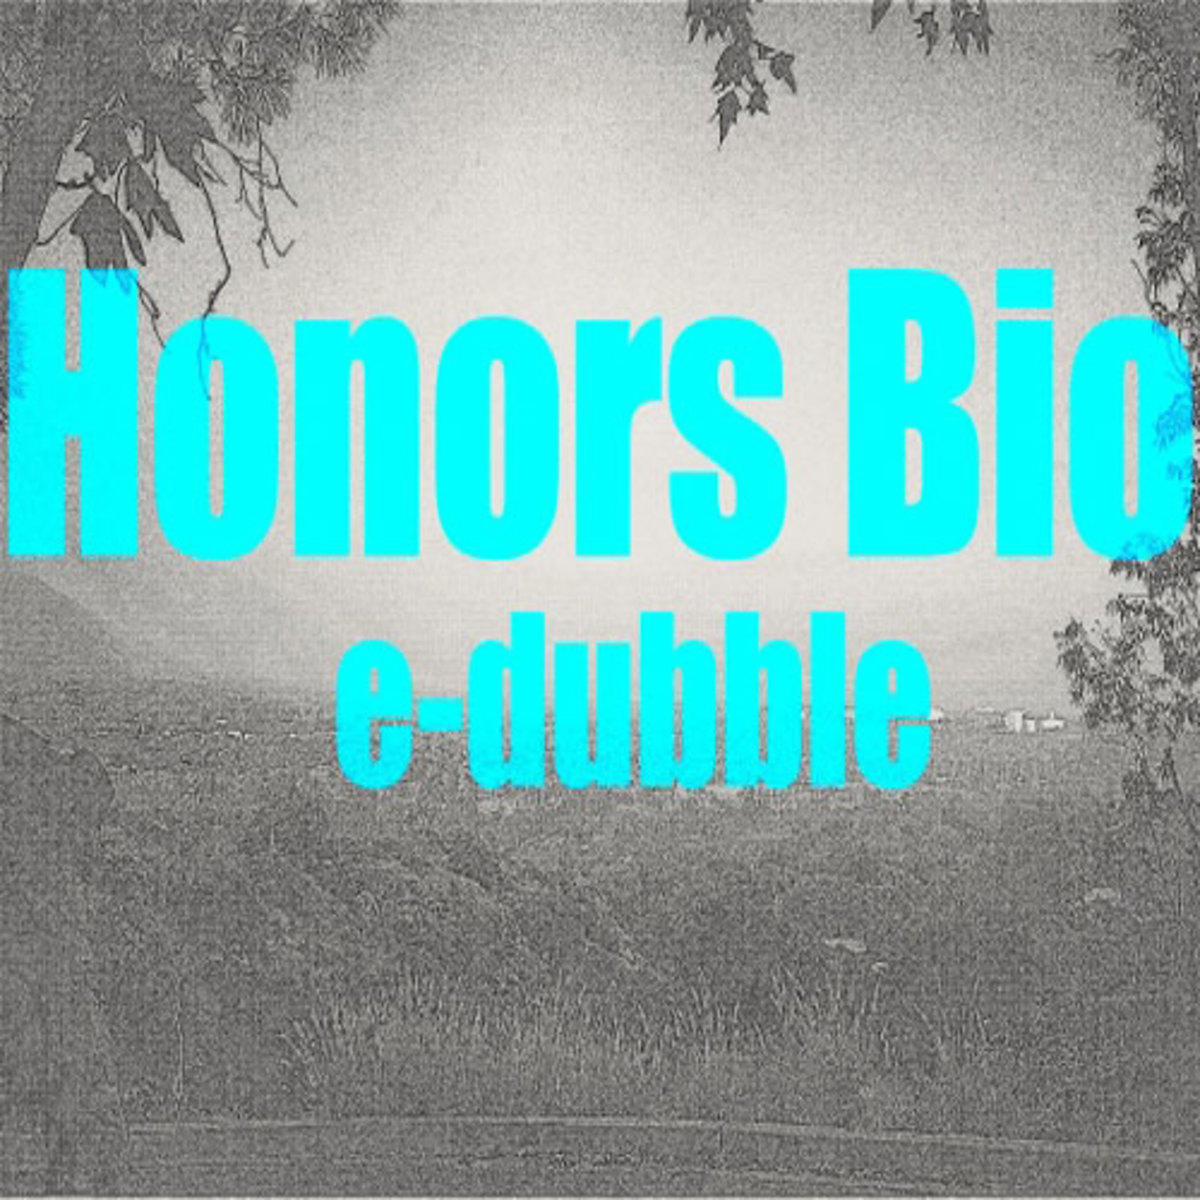 edubble-honorsbio.jpg